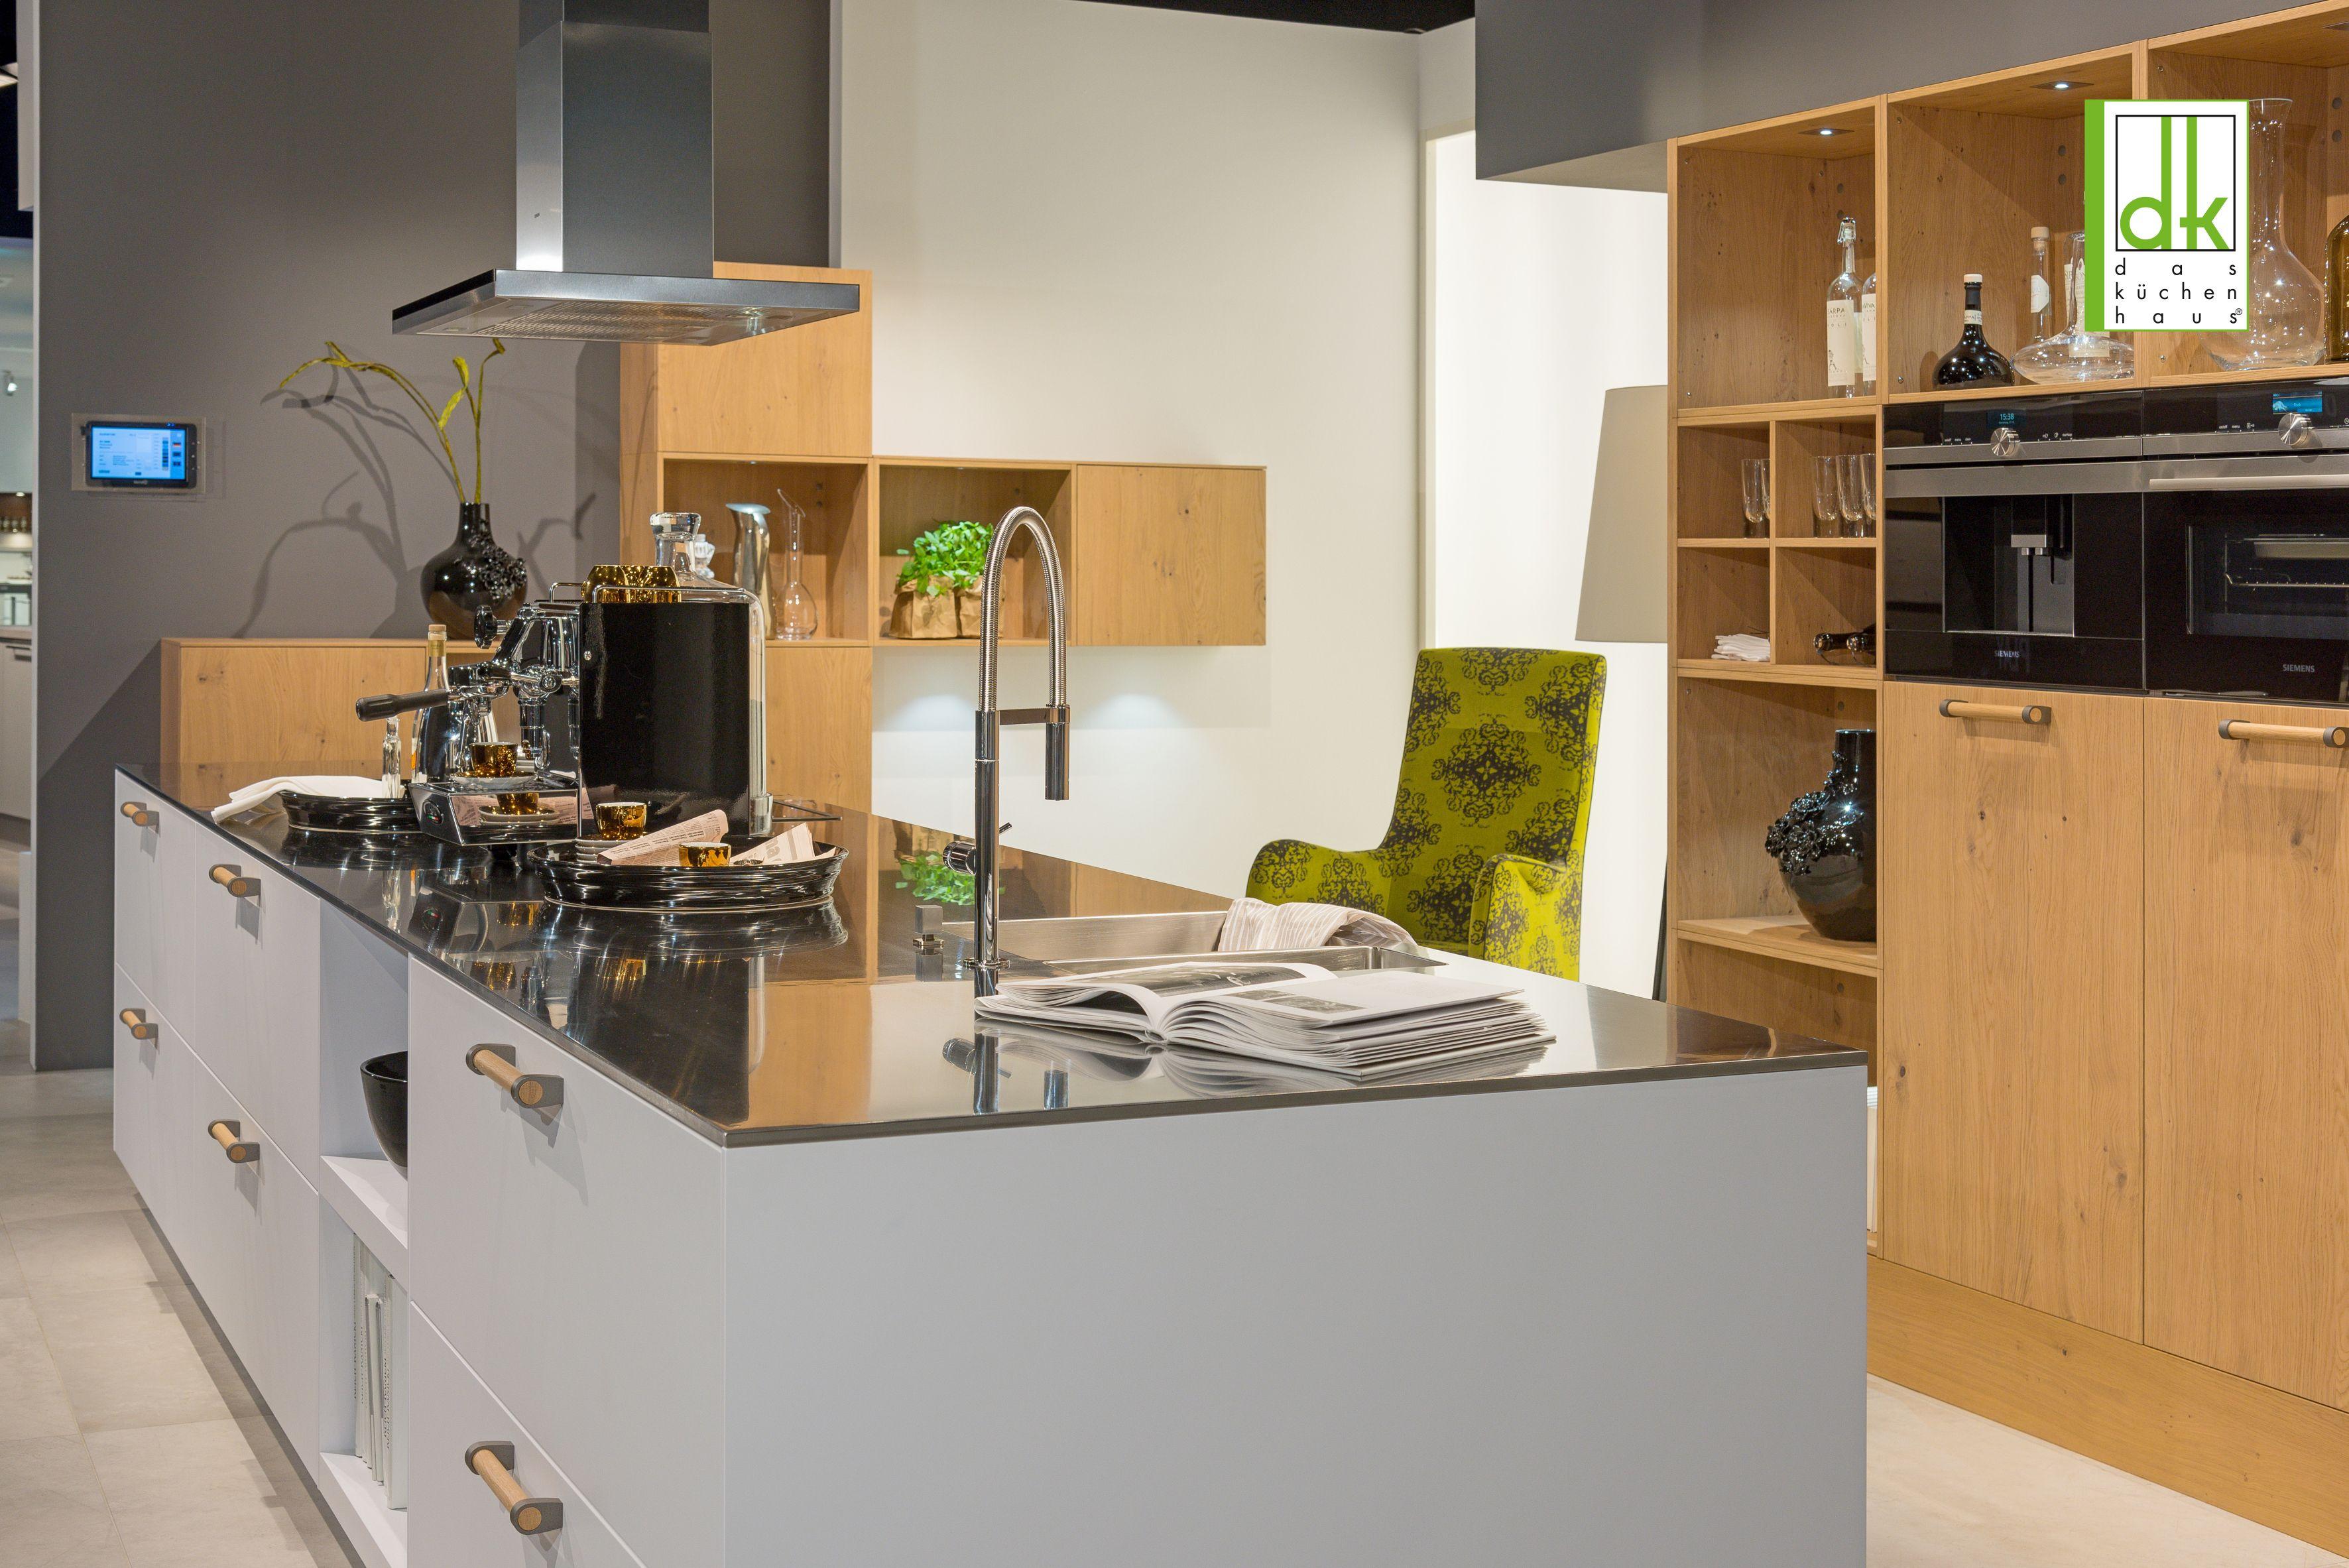 Ziemlich Studio Apartment Küchenspüle Ideen - Ideen Für Die Küche ...